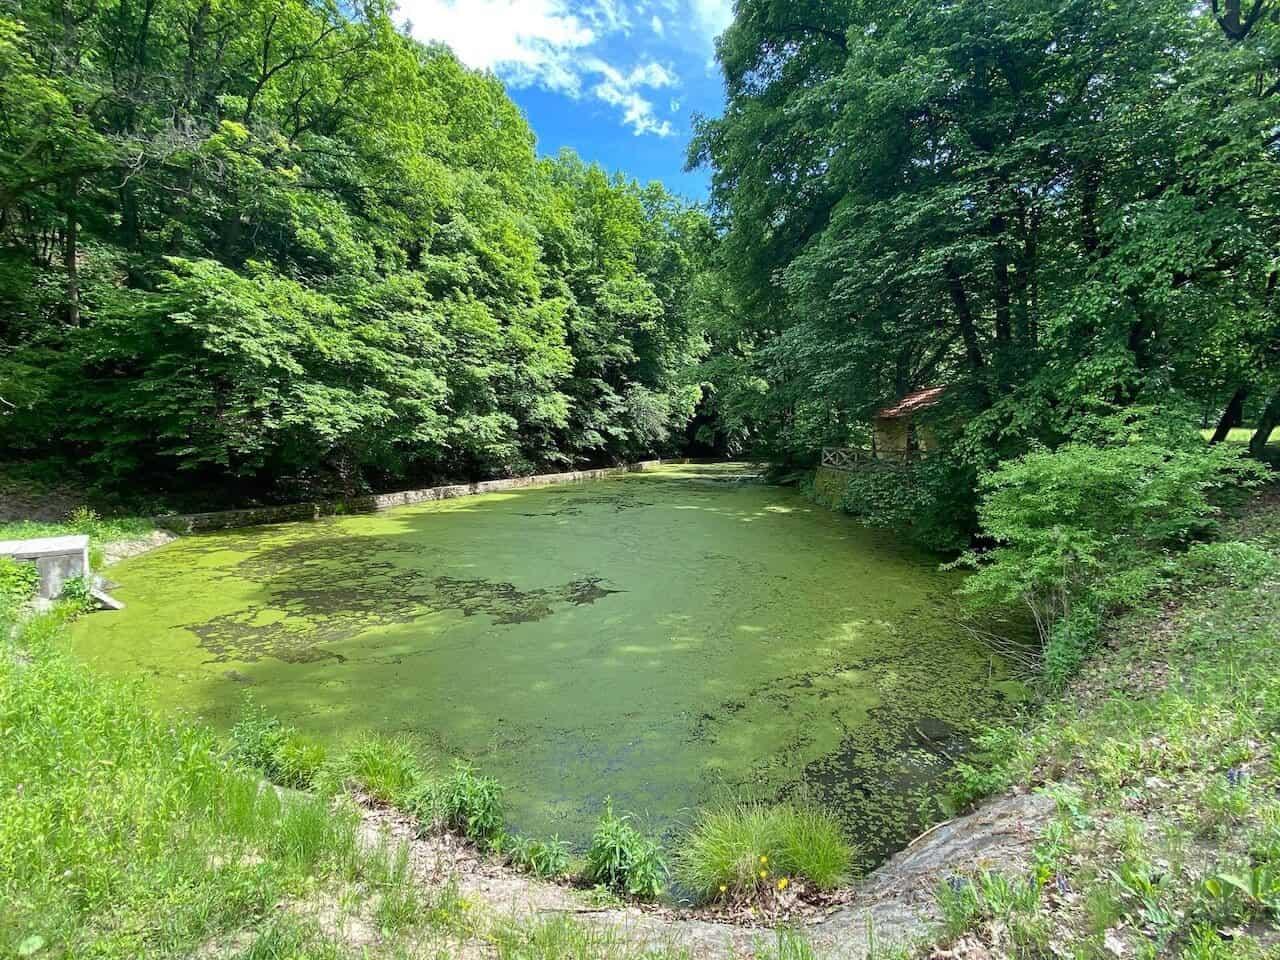 A Miklós-deák-völgyi tavak környéke igazi csodahely!